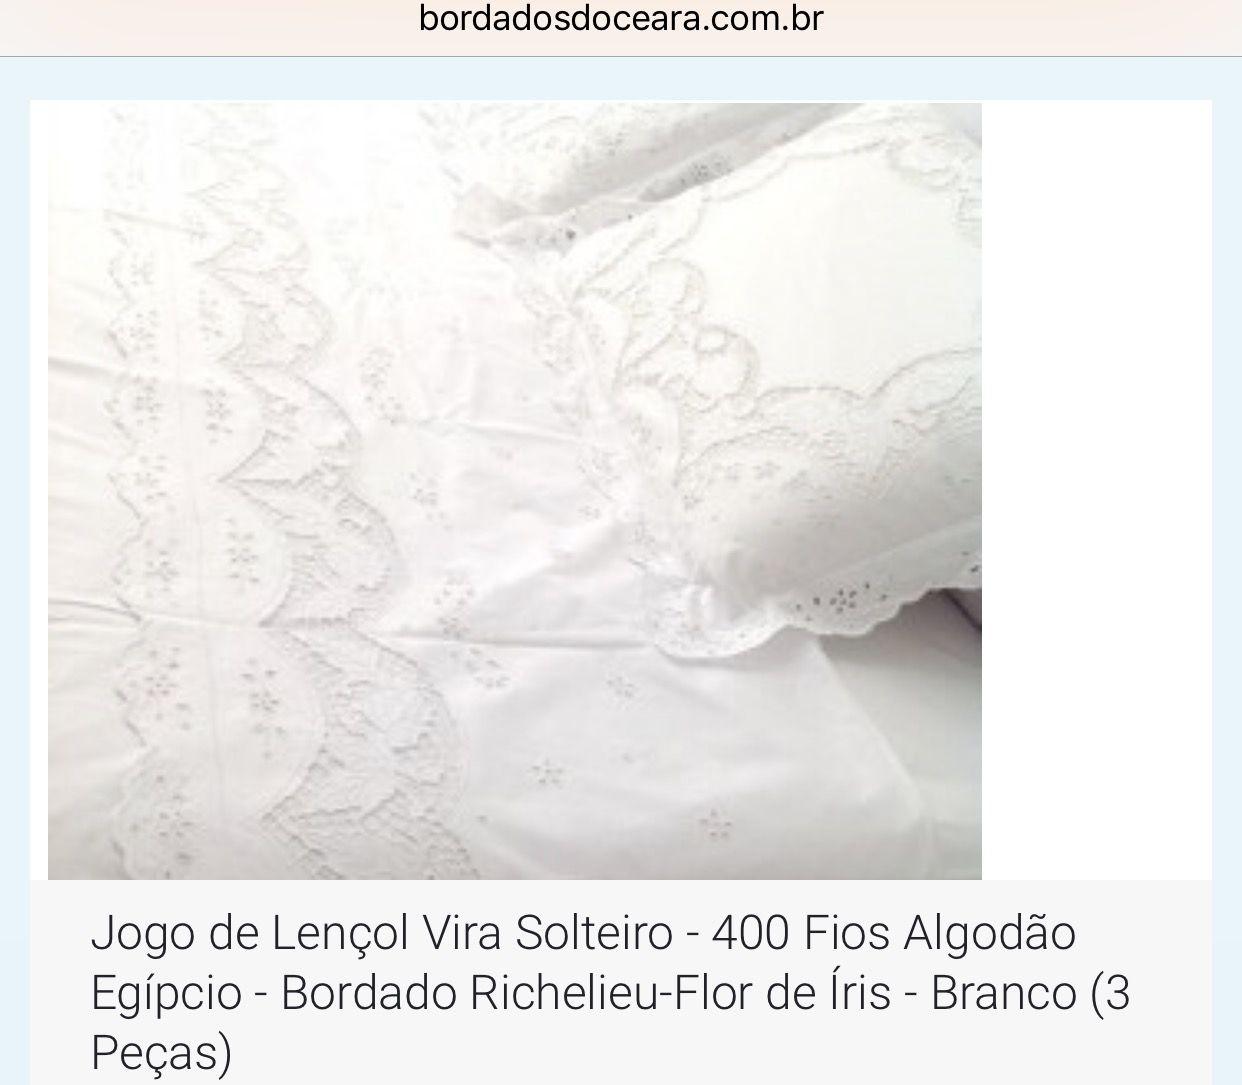 3f37e0430f Pin de Bordados do Ceará - Jutnet em Jogo de Cama